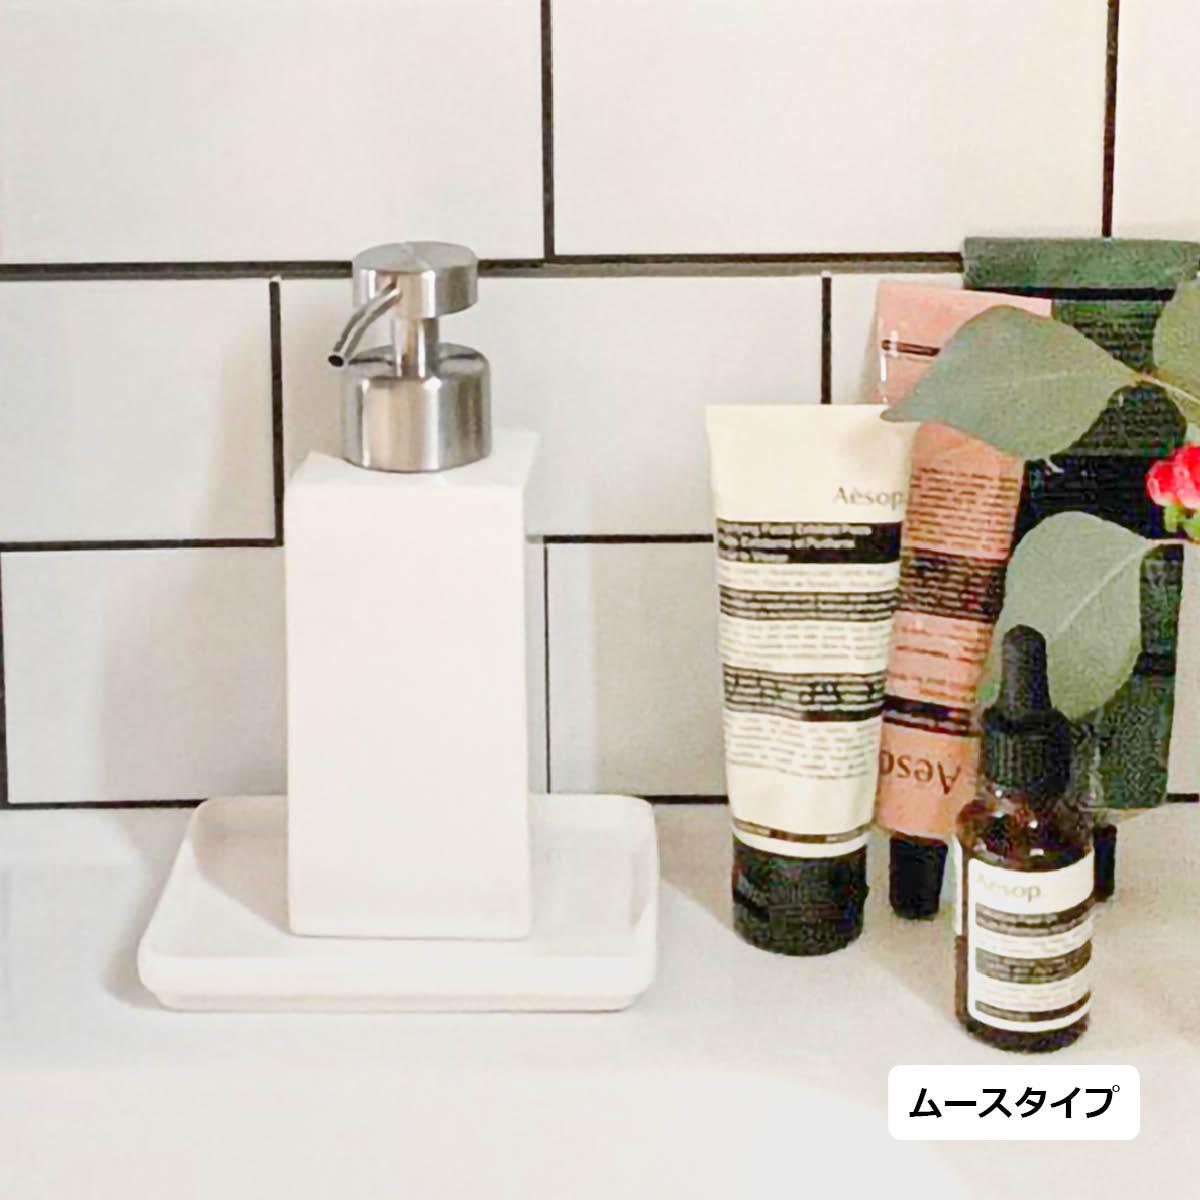 ハンドソープ ディスペンサー 詰め替えボトル 陶器 泡 [b2c セラミック ムースボトル-S]